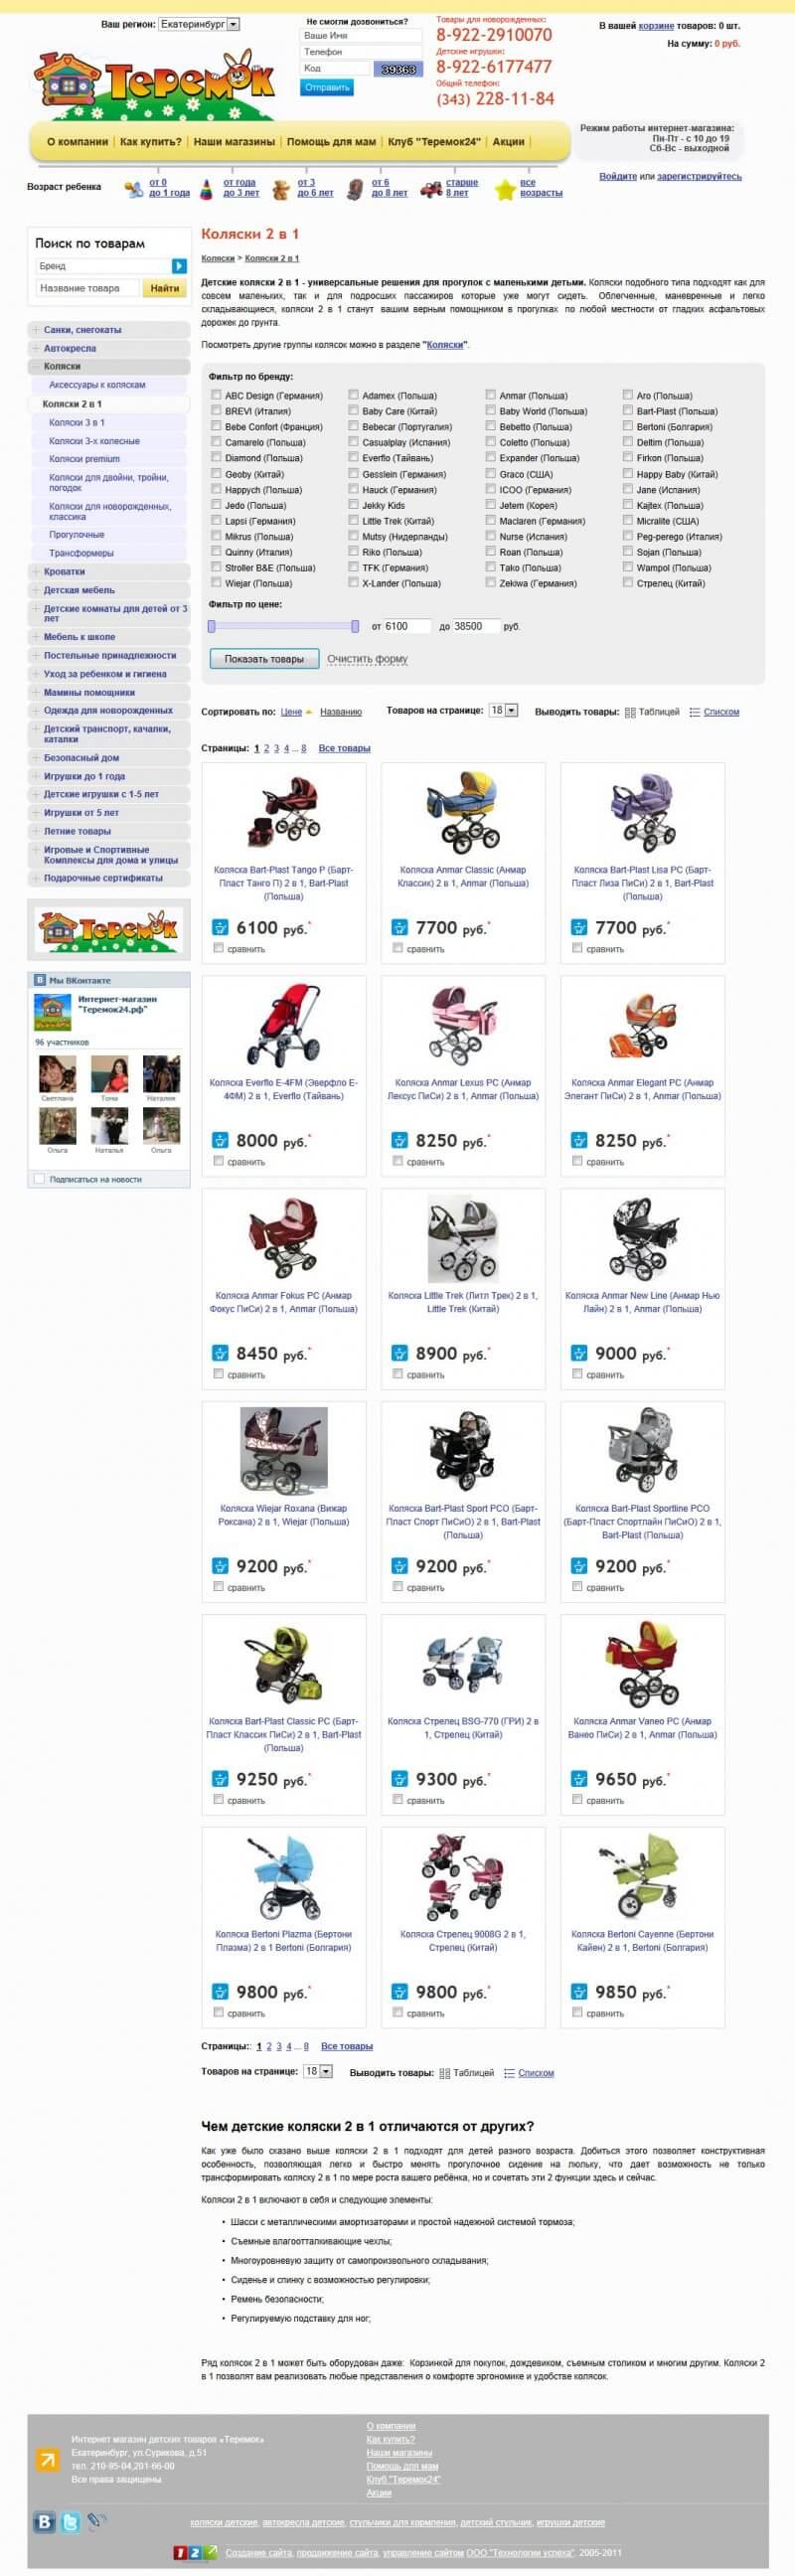 Пример разработки интернет-магазина детс товаров Теремок